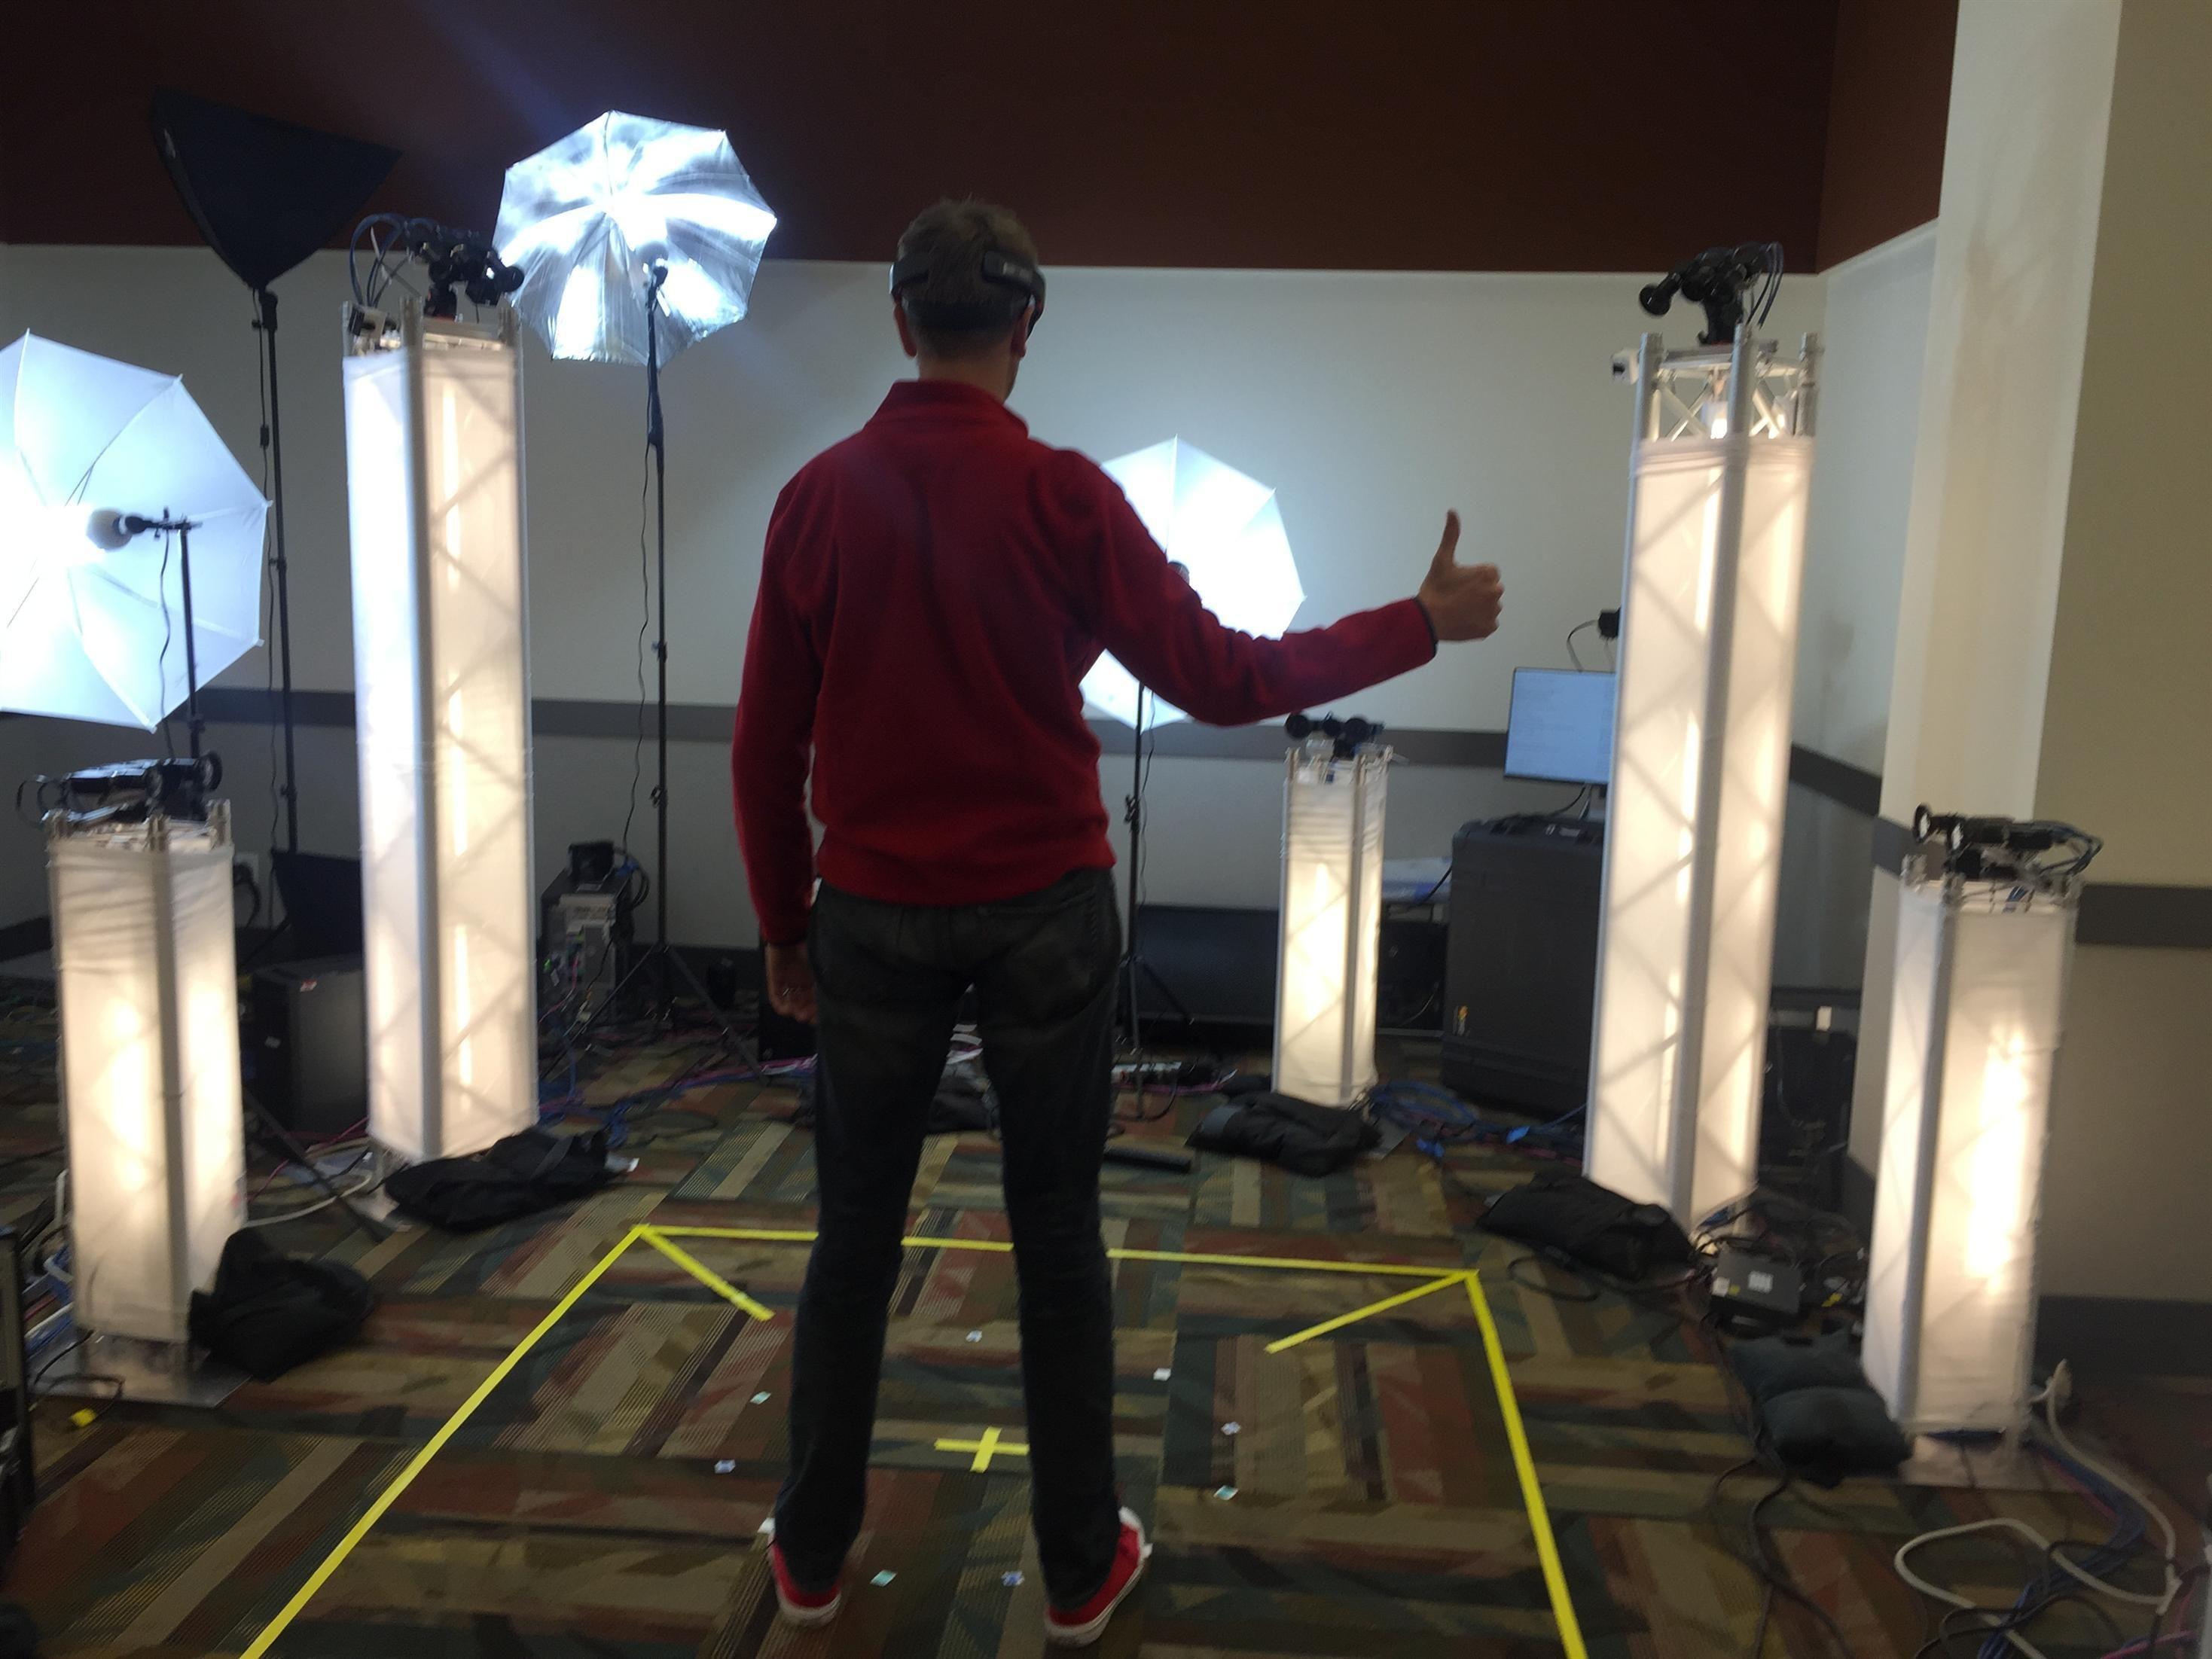 Microsoft Holoportation baserer seg på en rekke 3D-kameraer, samt briller for utvidet virkelighet.